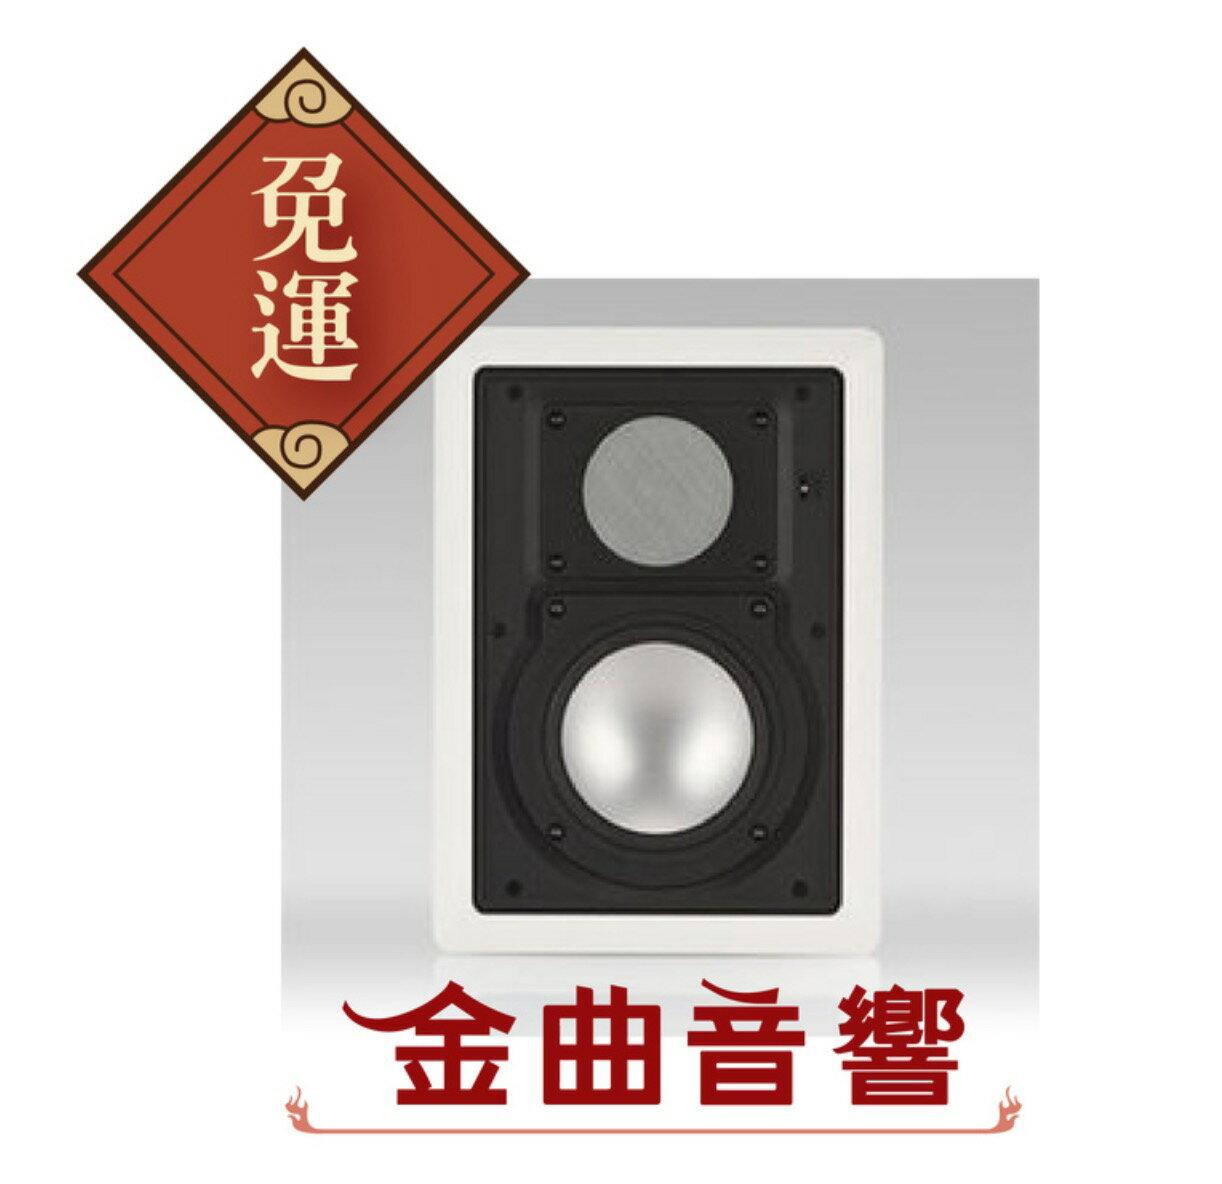 【金曲音響】ELAC IW 1130崁入式喇叭(支)